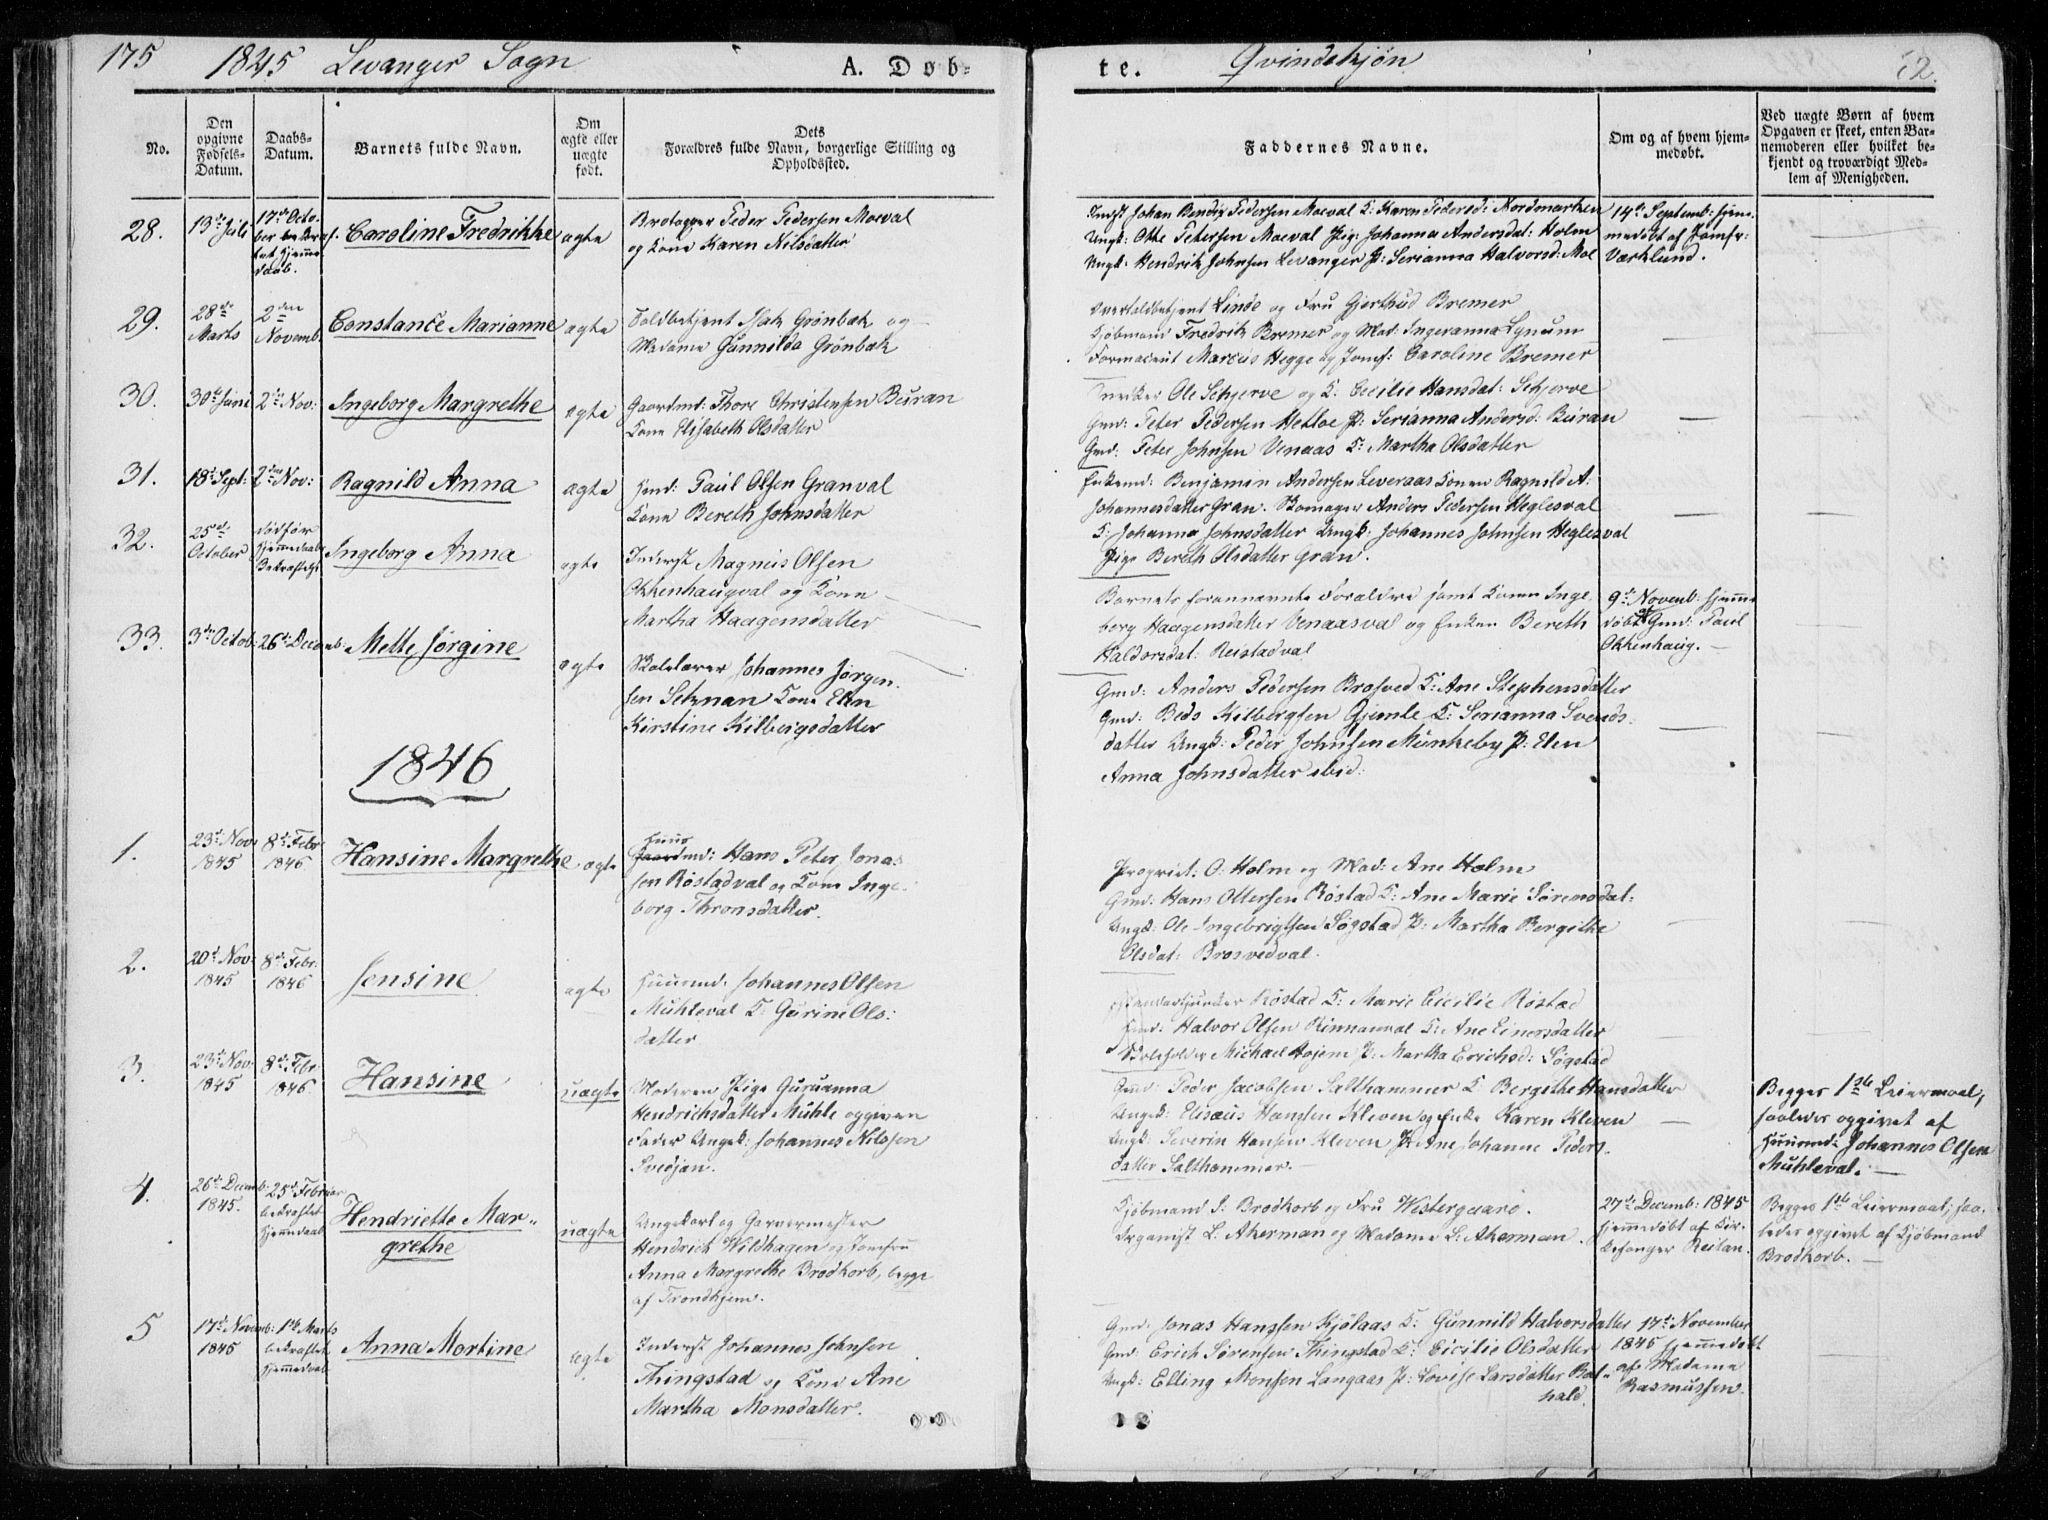 SAT, Ministerialprotokoller, klokkerbøker og fødselsregistre - Nord-Trøndelag, 720/L0183: Ministerialbok nr. 720A01, 1836-1855, s. 62